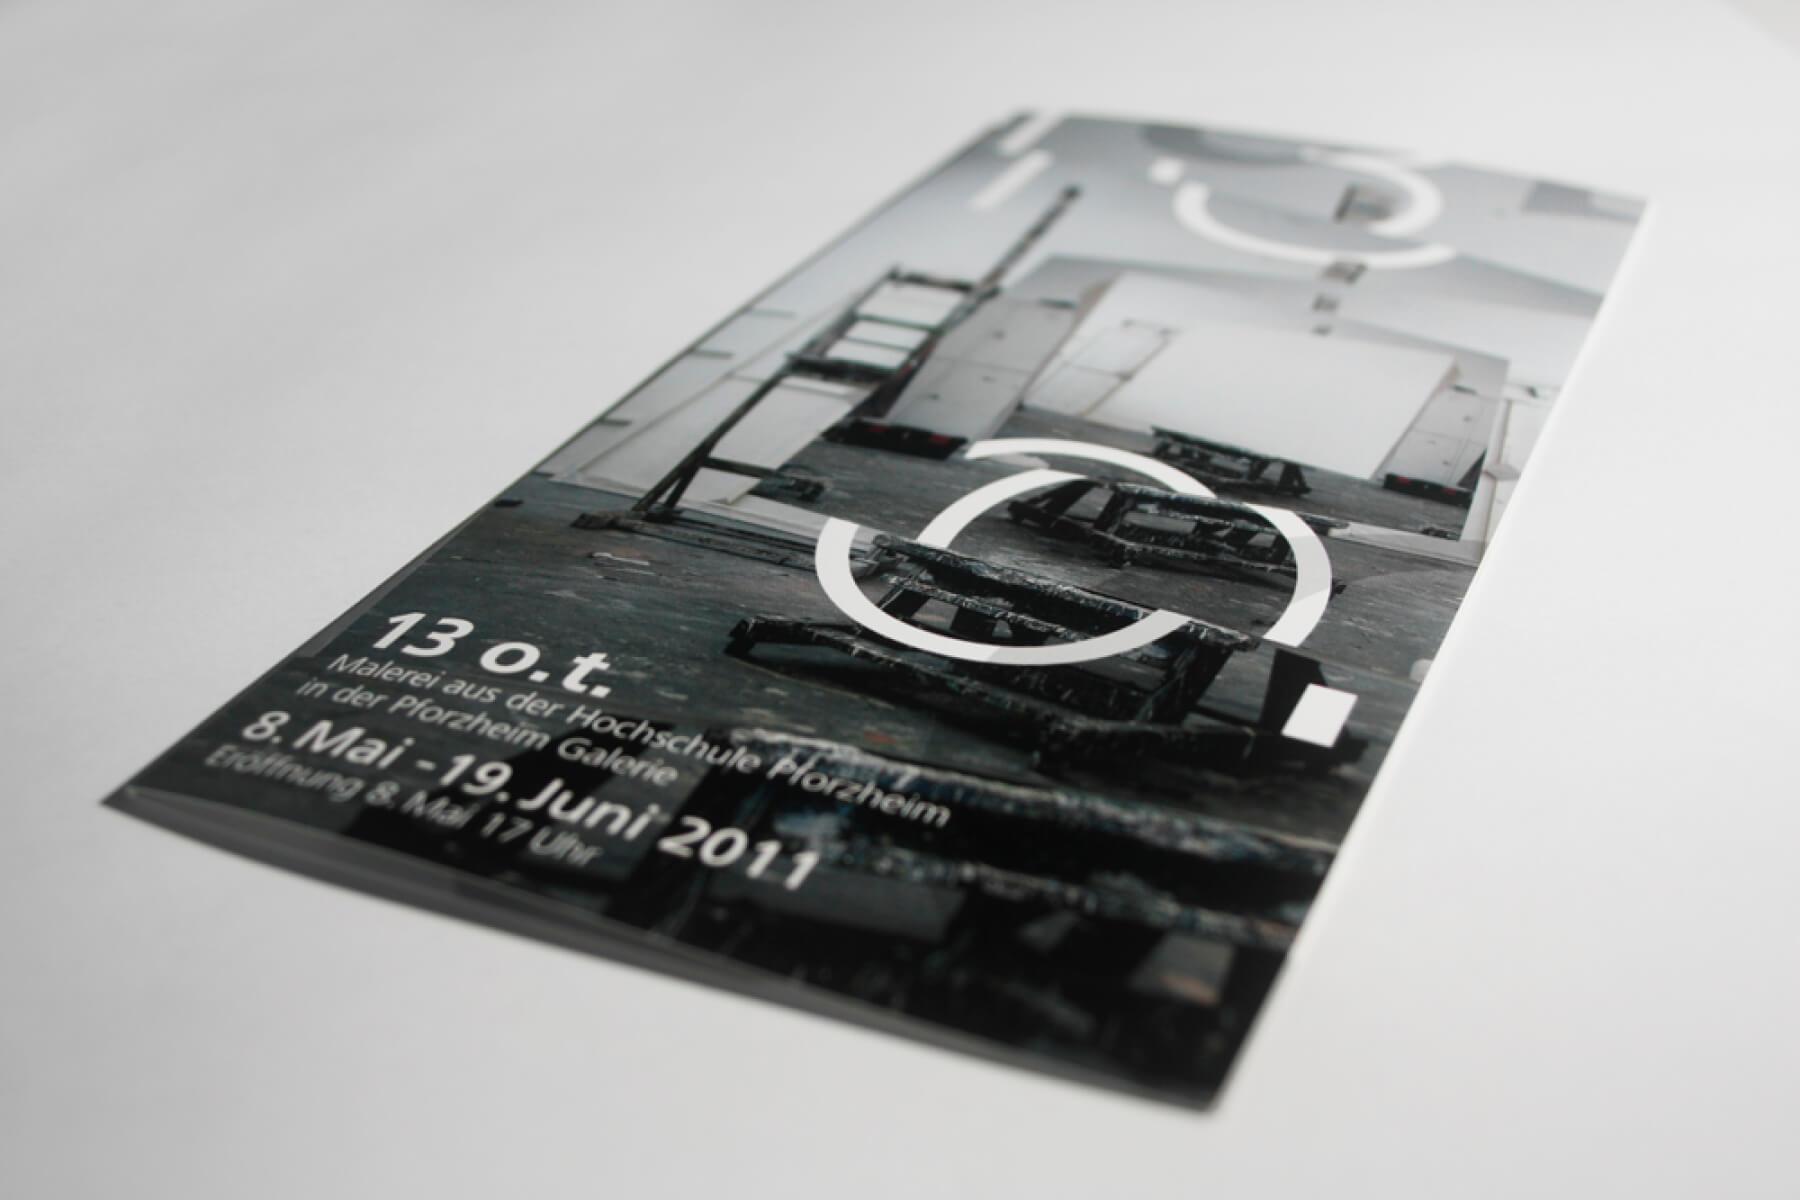 grafikdesign-janis-weidner-lindau-bodensee-flyer-13ot-01